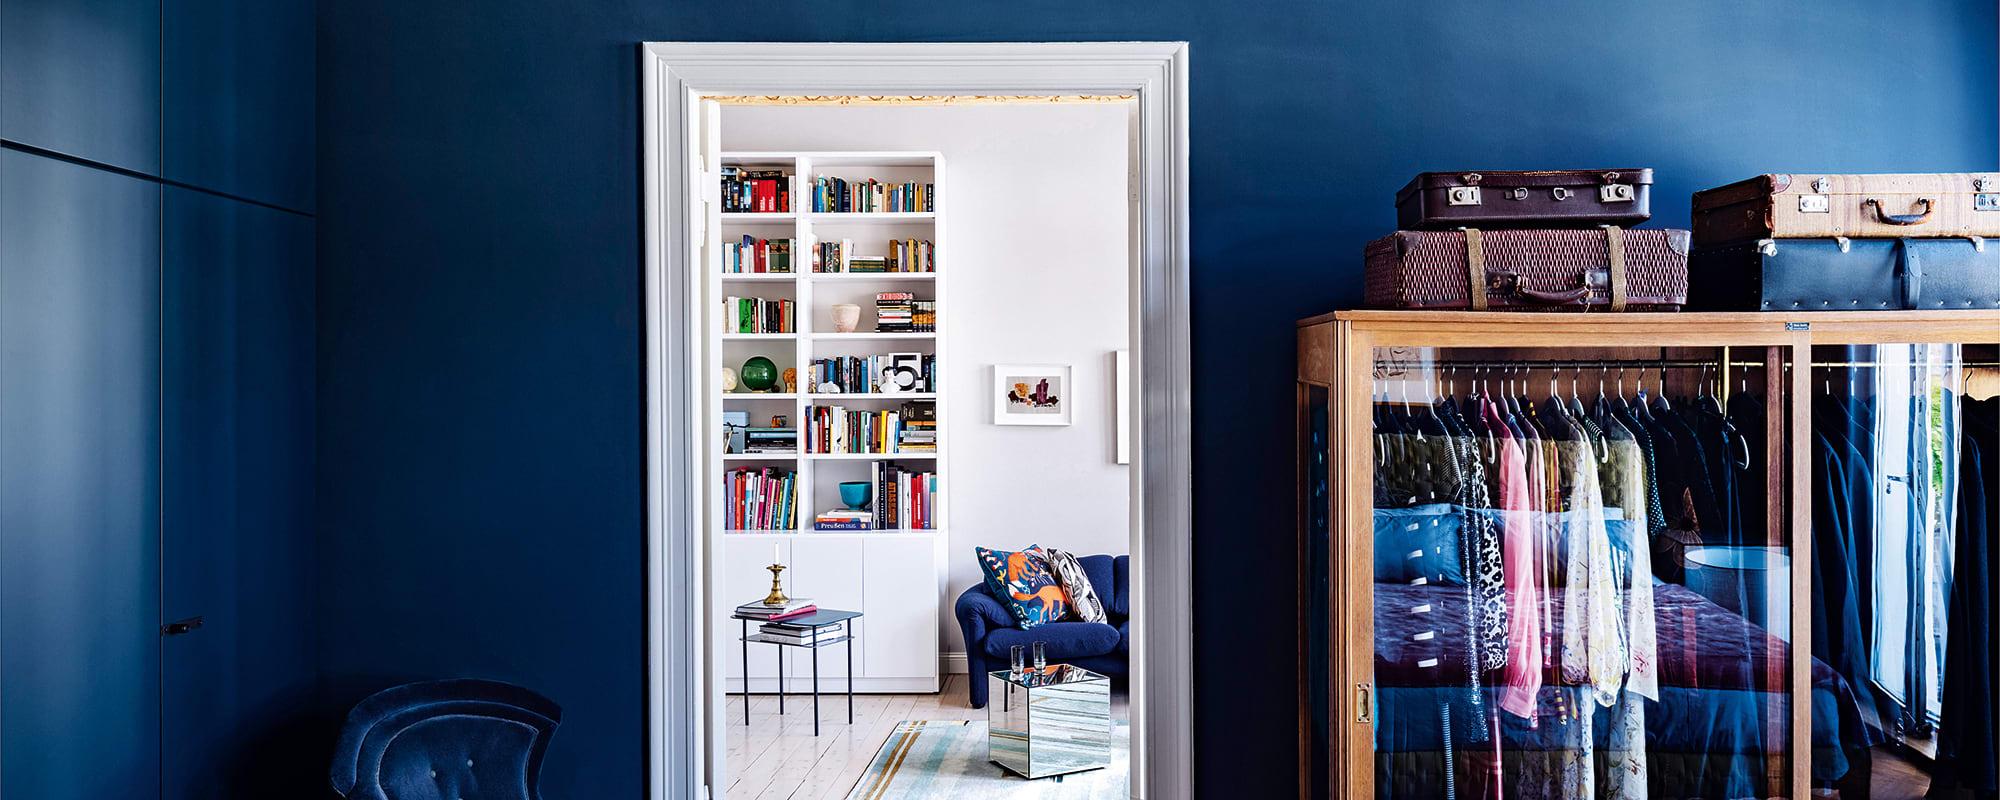 Pelzschrank, Schlafzimmer, Ikea, Hague Blue, Farrow & Ball